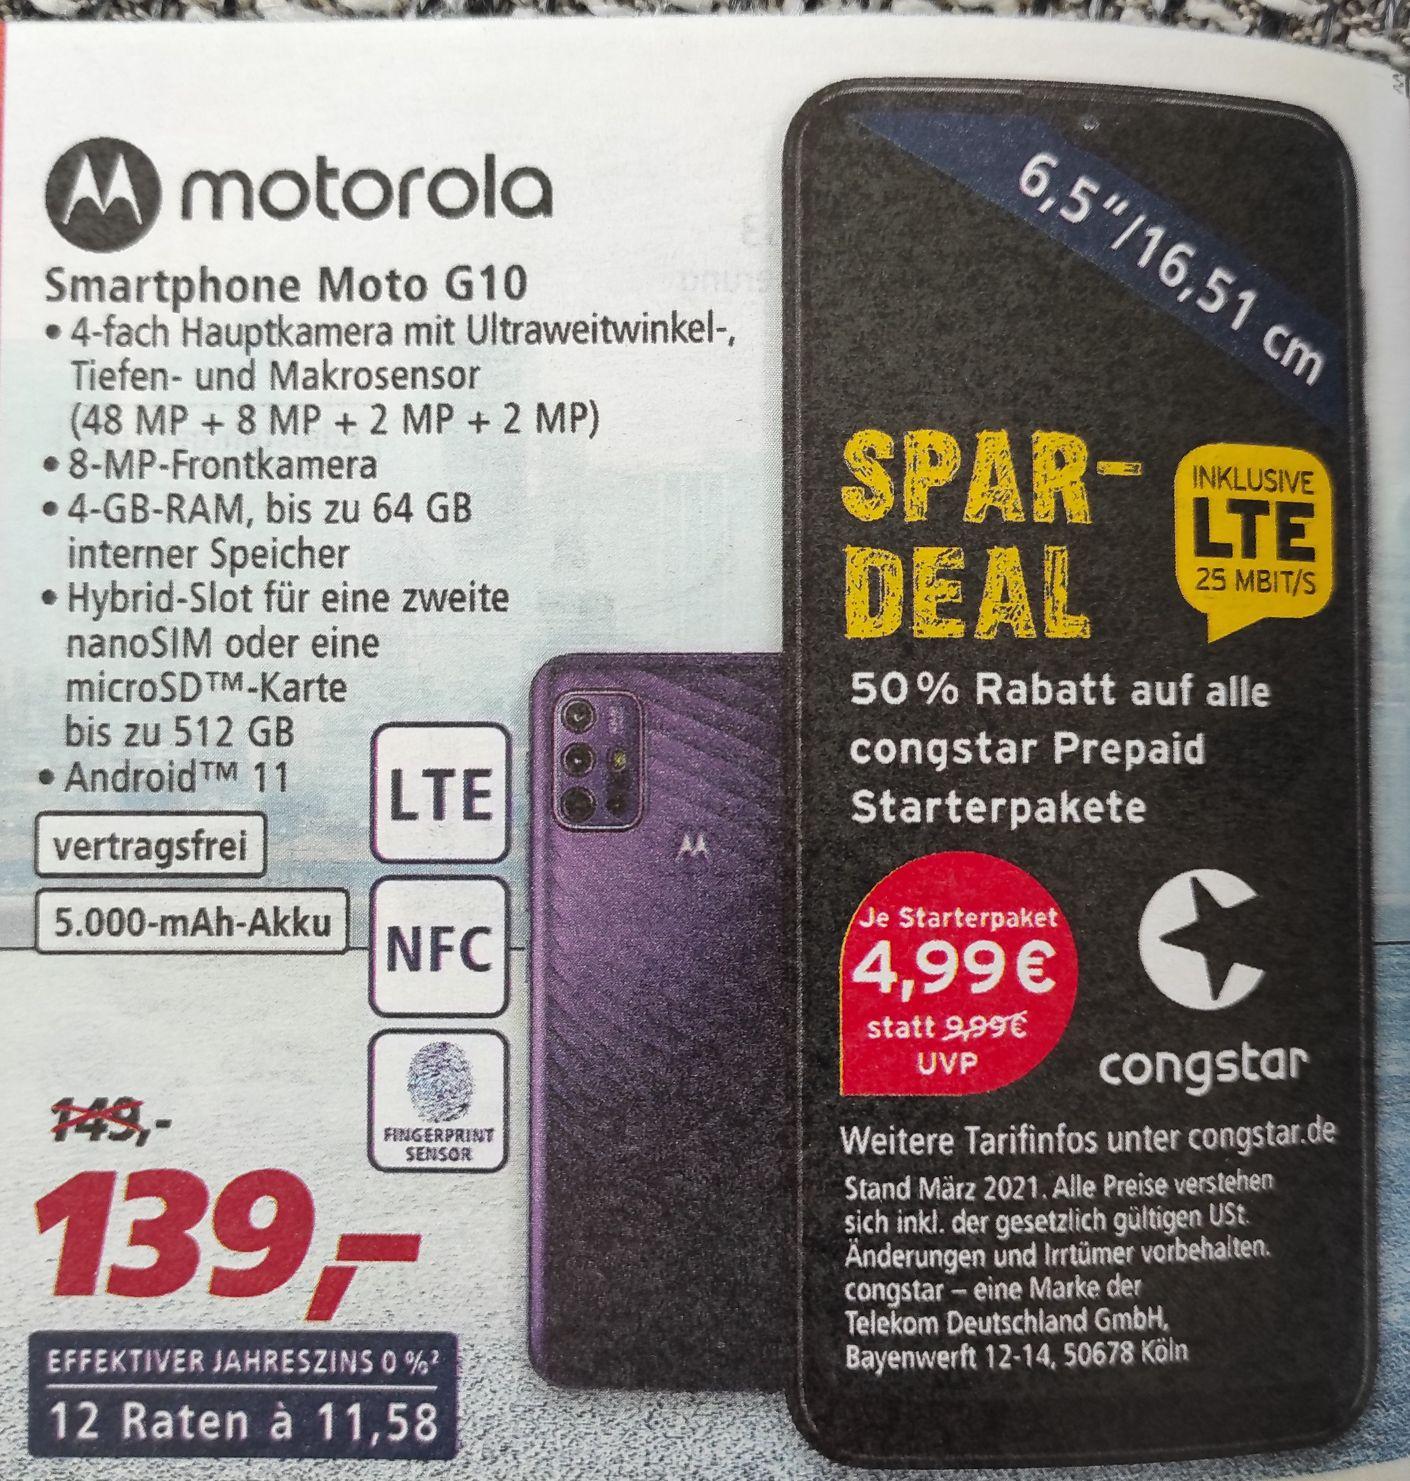 Motorola Moto G10 und Congstar Prepaid Starterpaket bei Real